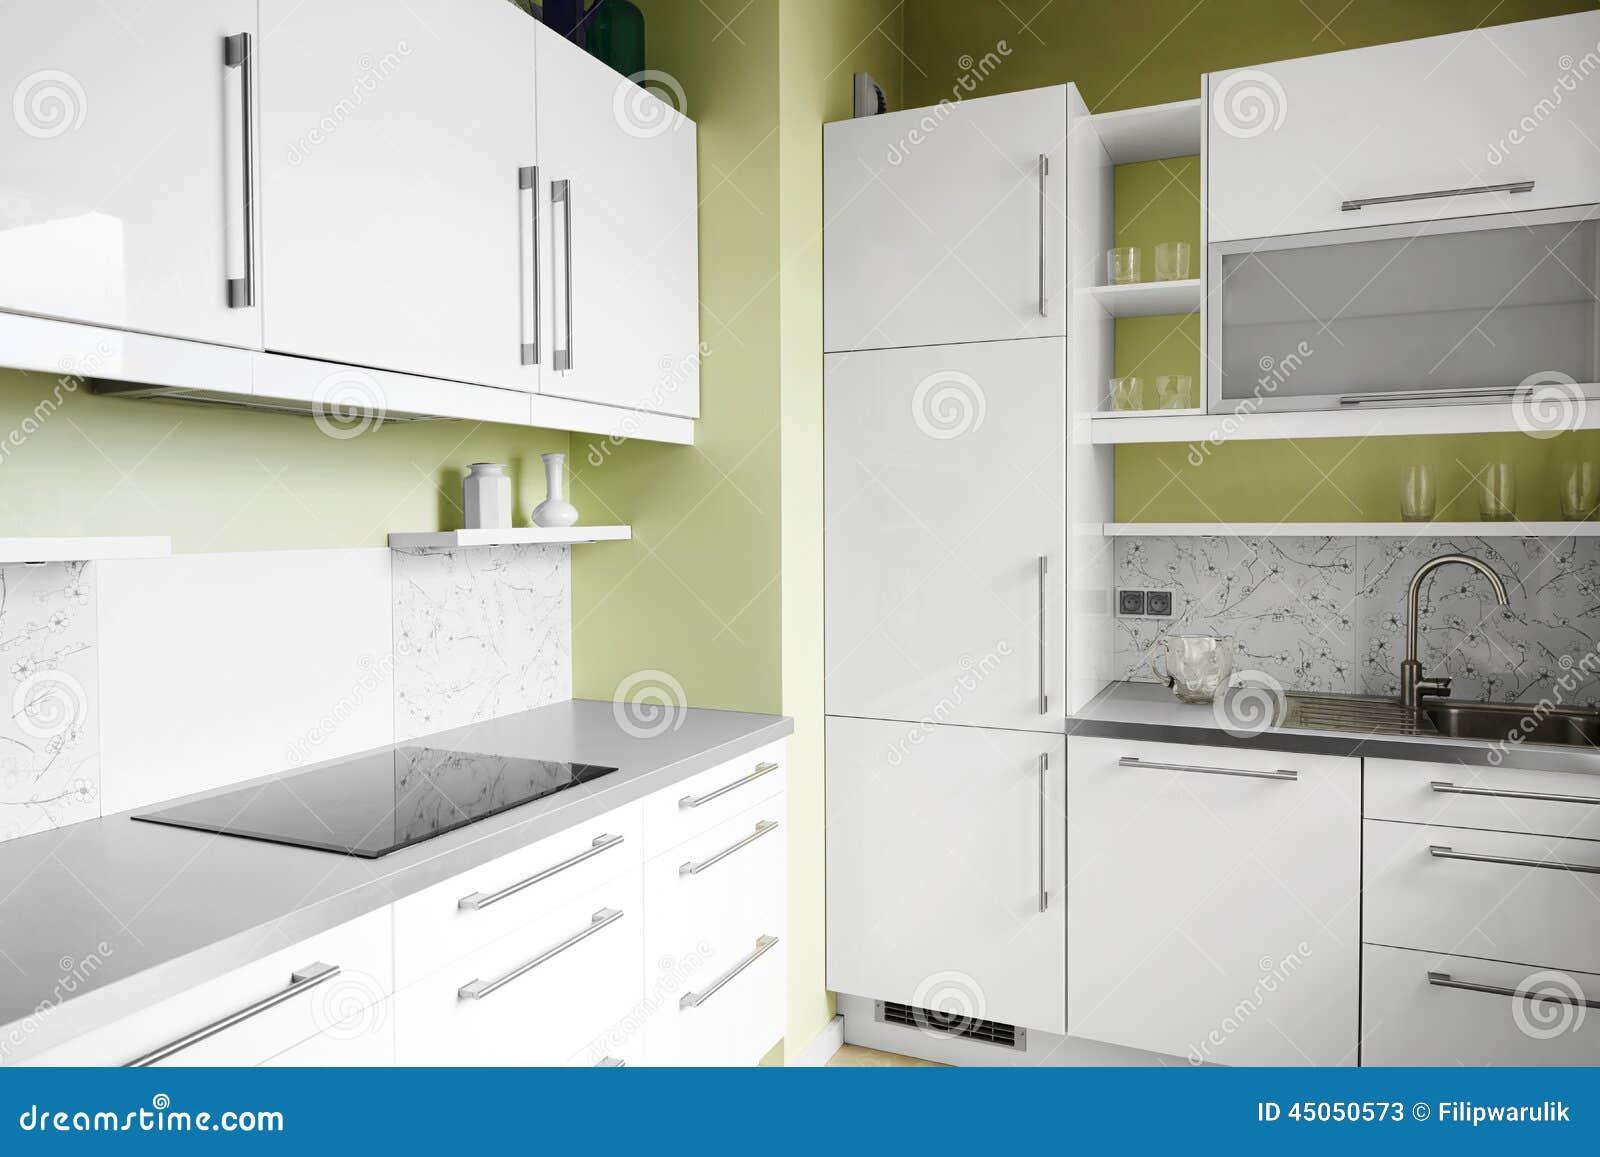 einfache küche in den weißen farben stockfoto - bild: 45050573